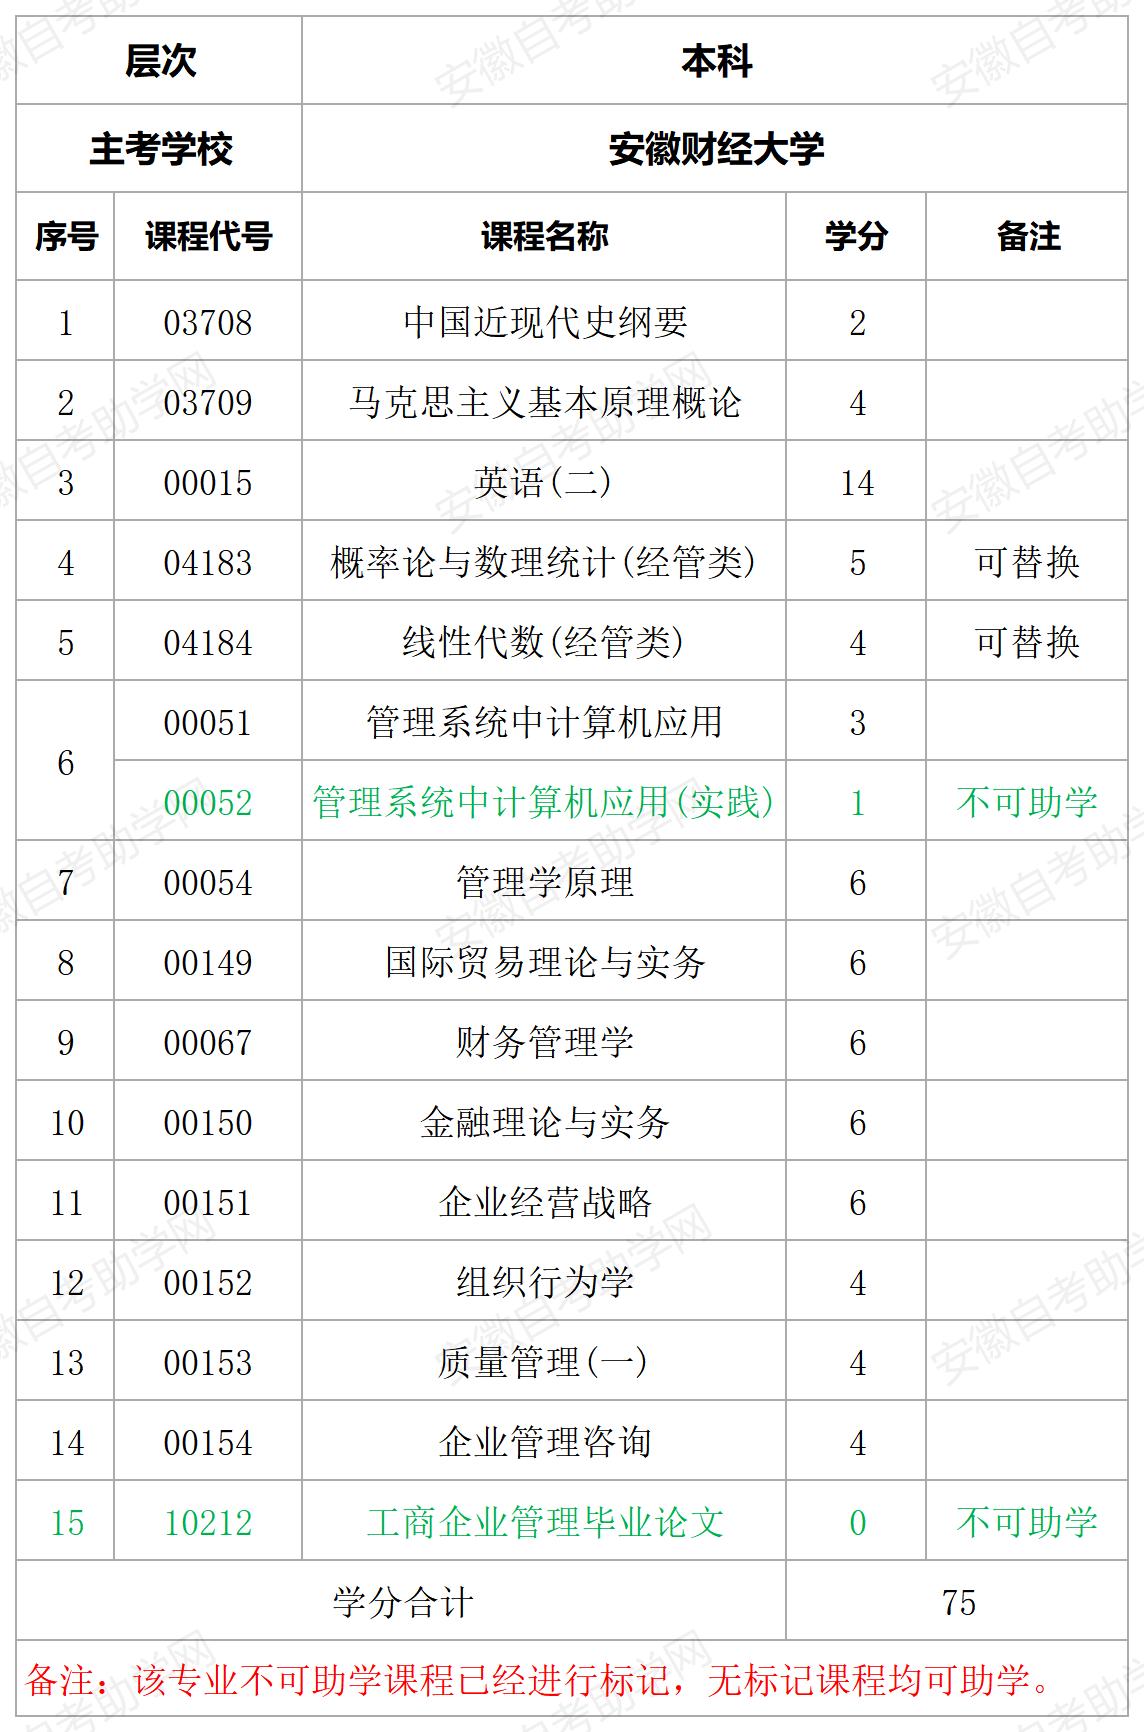 安徽财经大学工商管理本科助学课程详情表